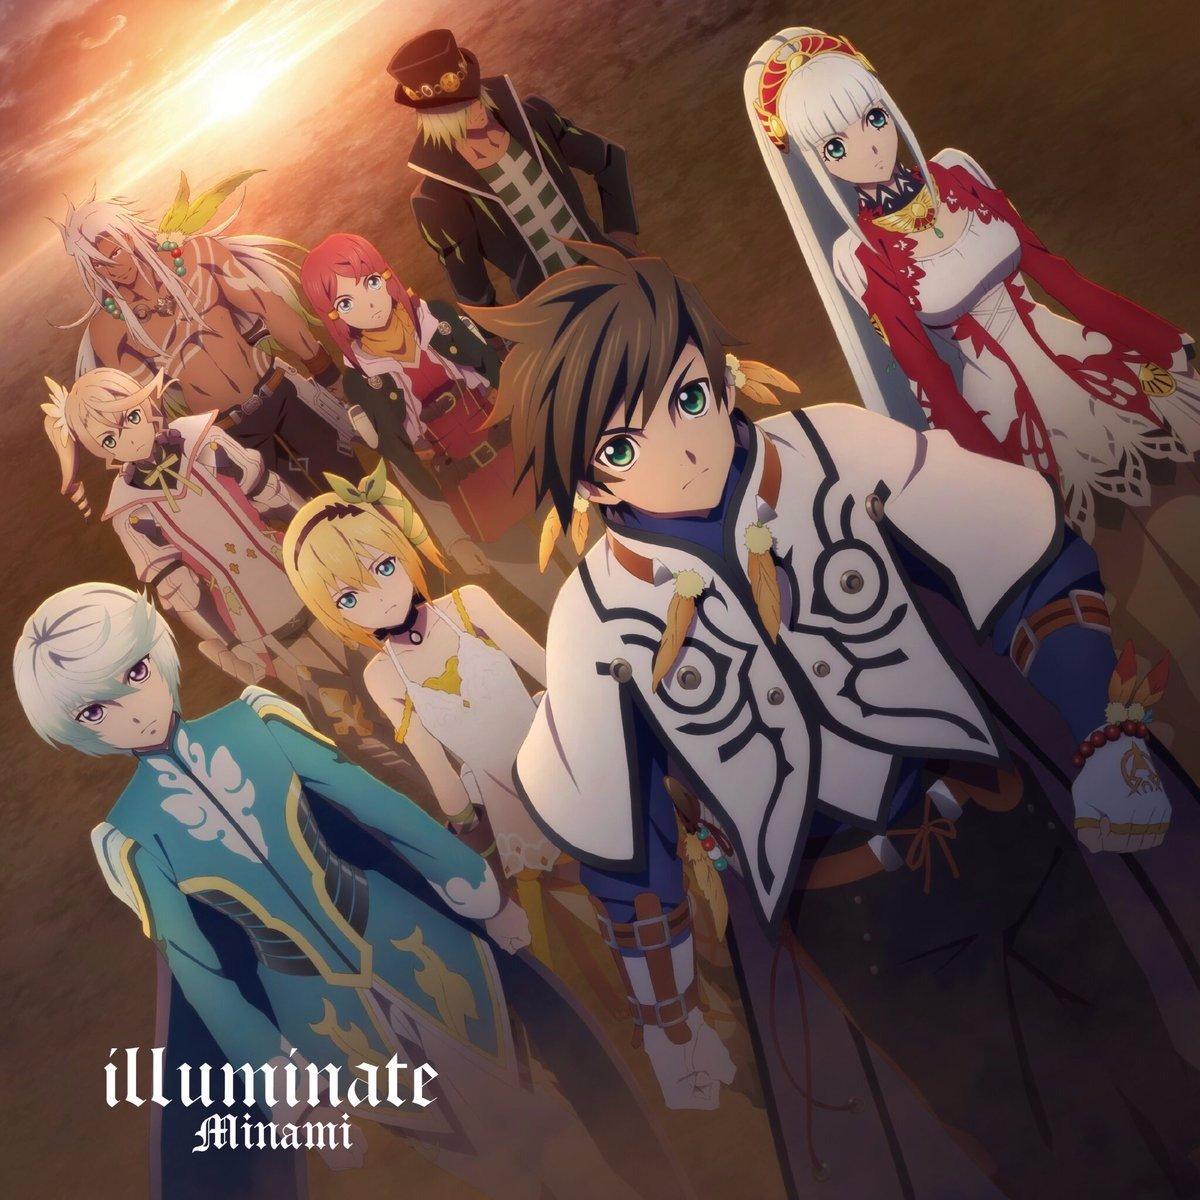 「テイルズ オブ ゼスティリア ザ クロス」オープニング主題歌Minamiさん「illuminate」本日発売です。ジャ